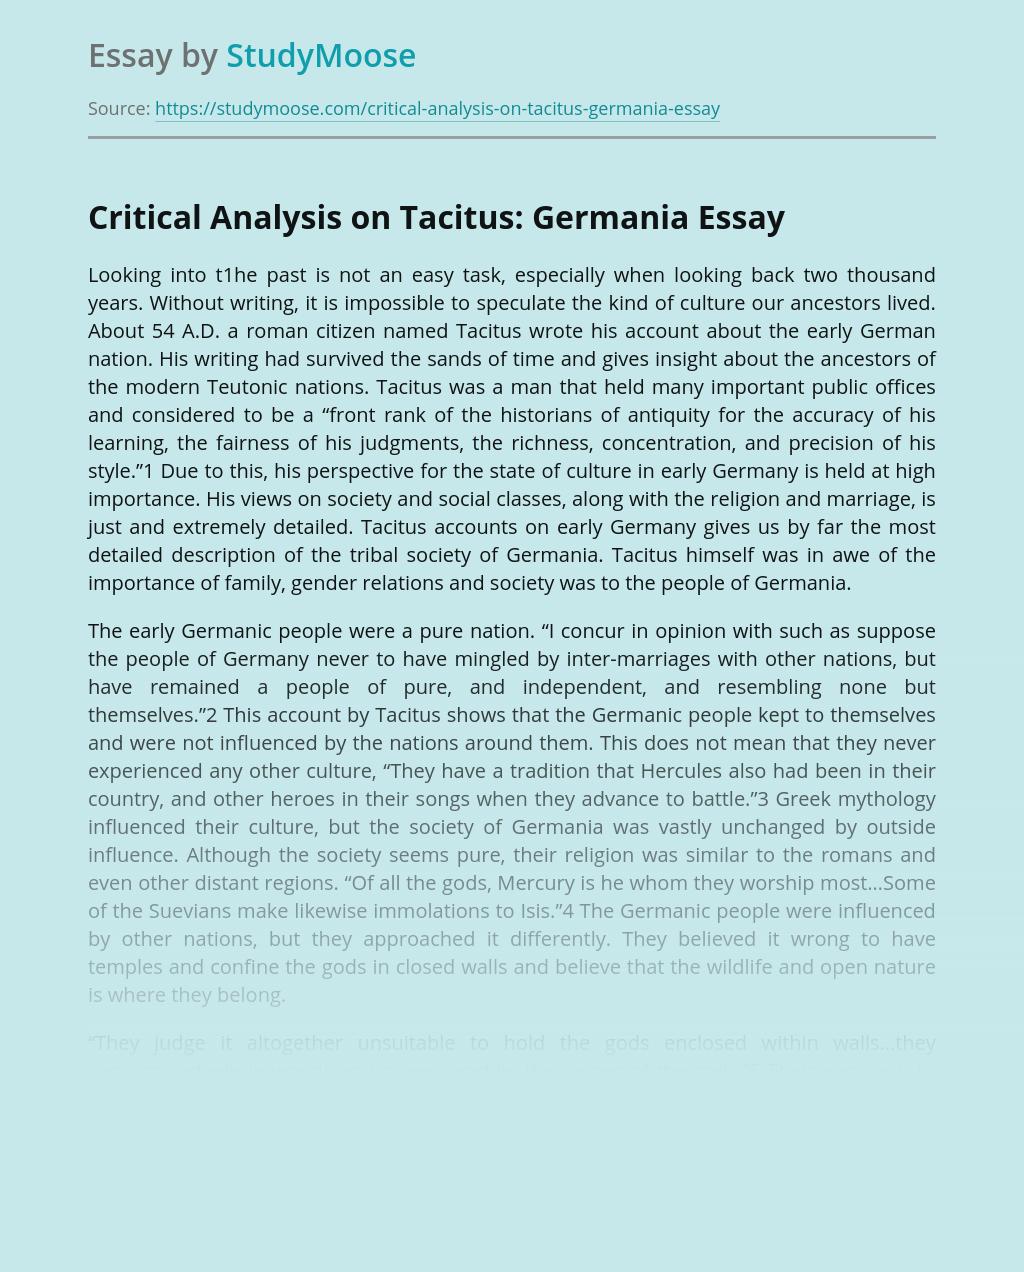 Critical Analysis on Tacitus: Germania